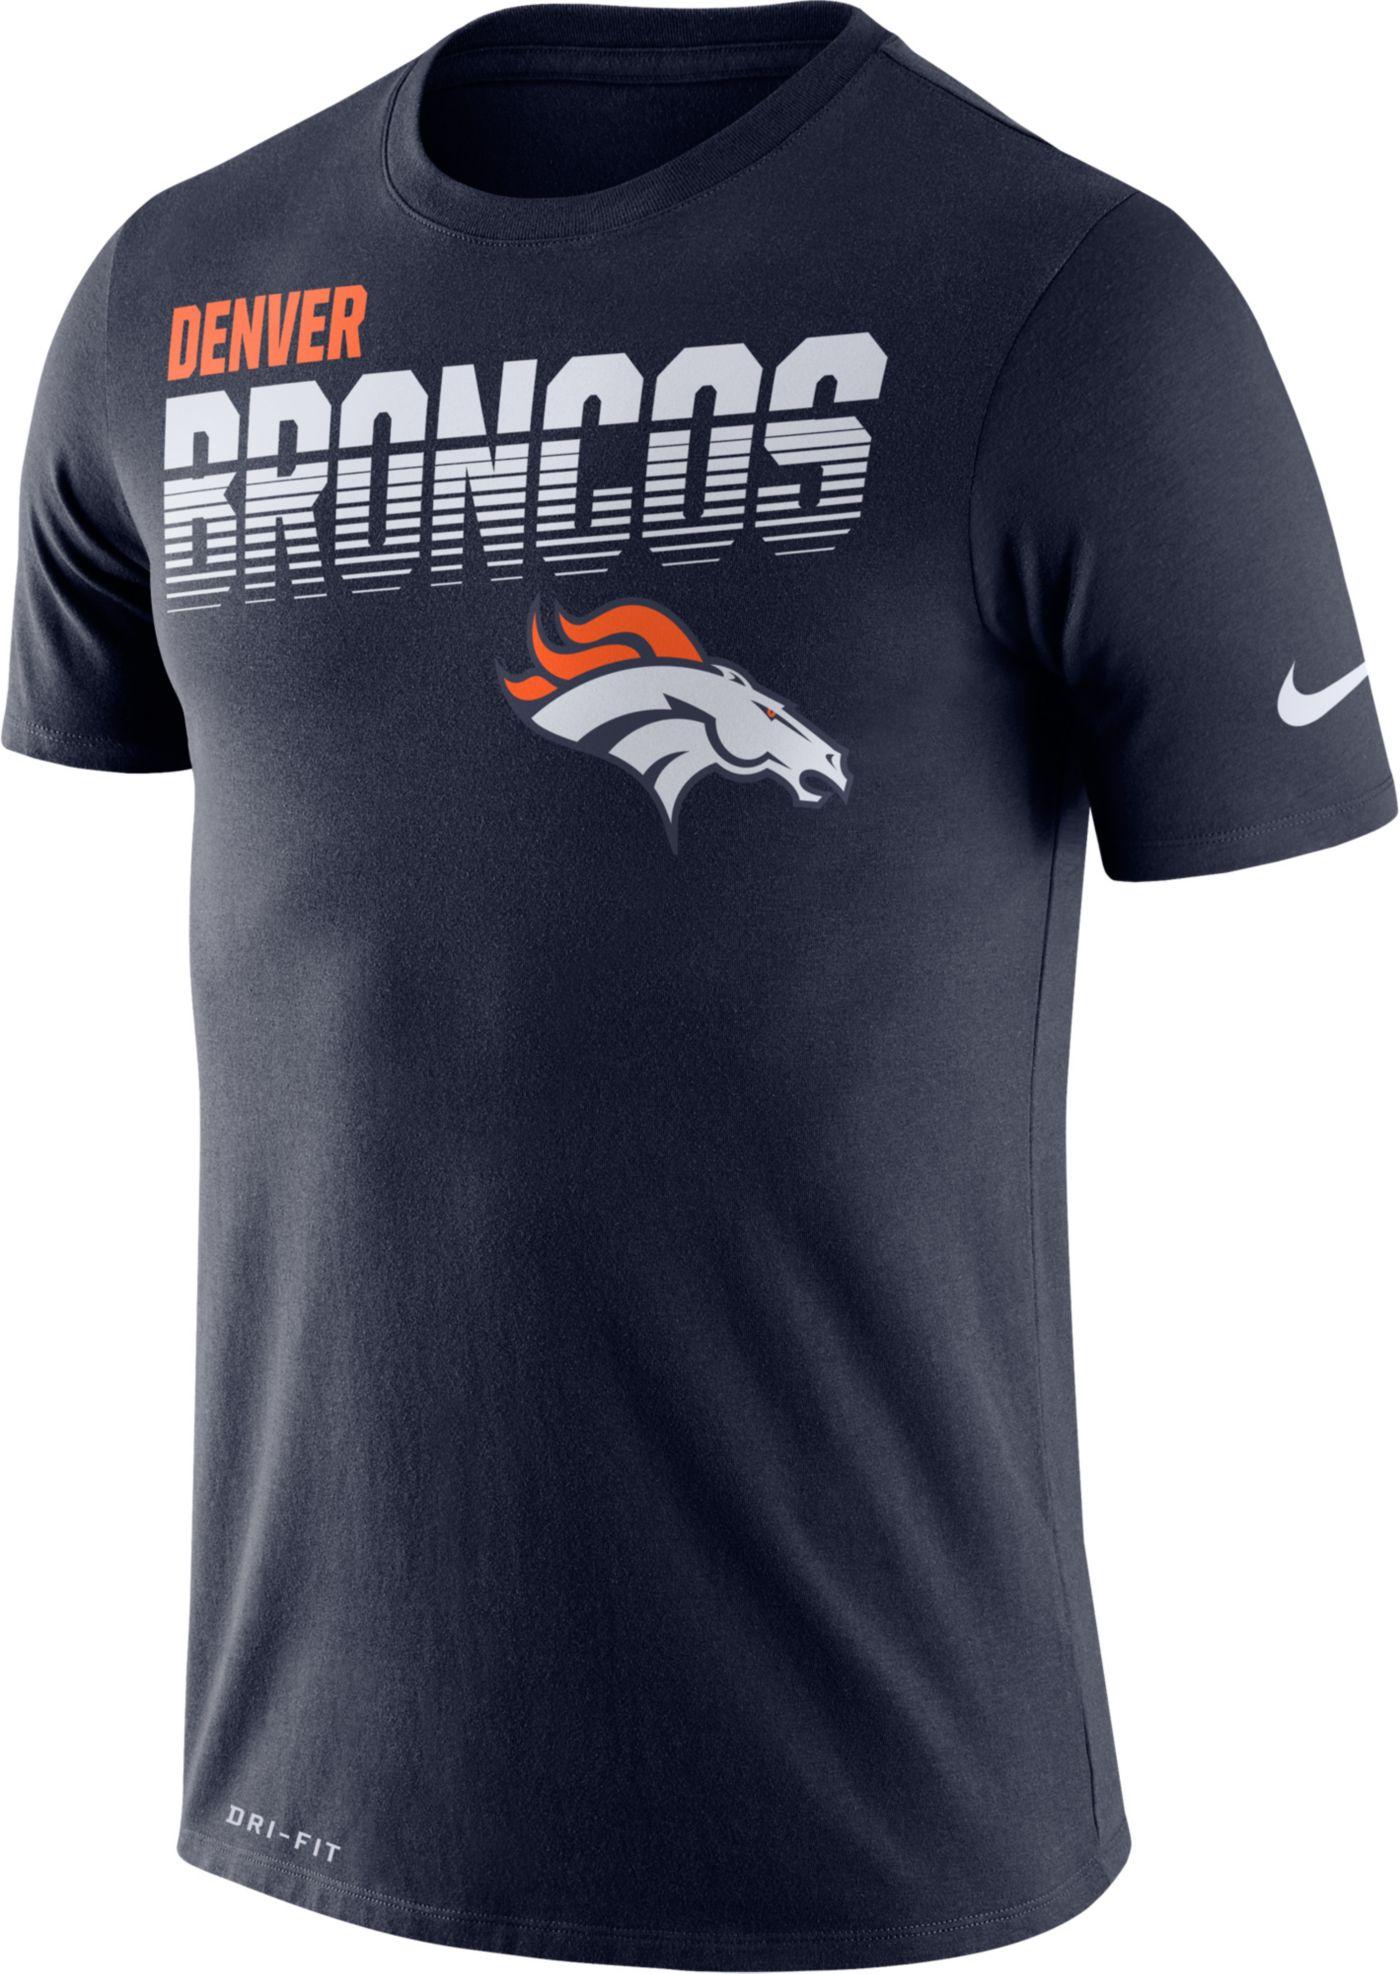 Nike Men's Denver Broncos Sideline Legend Performance Navy T-Shirt